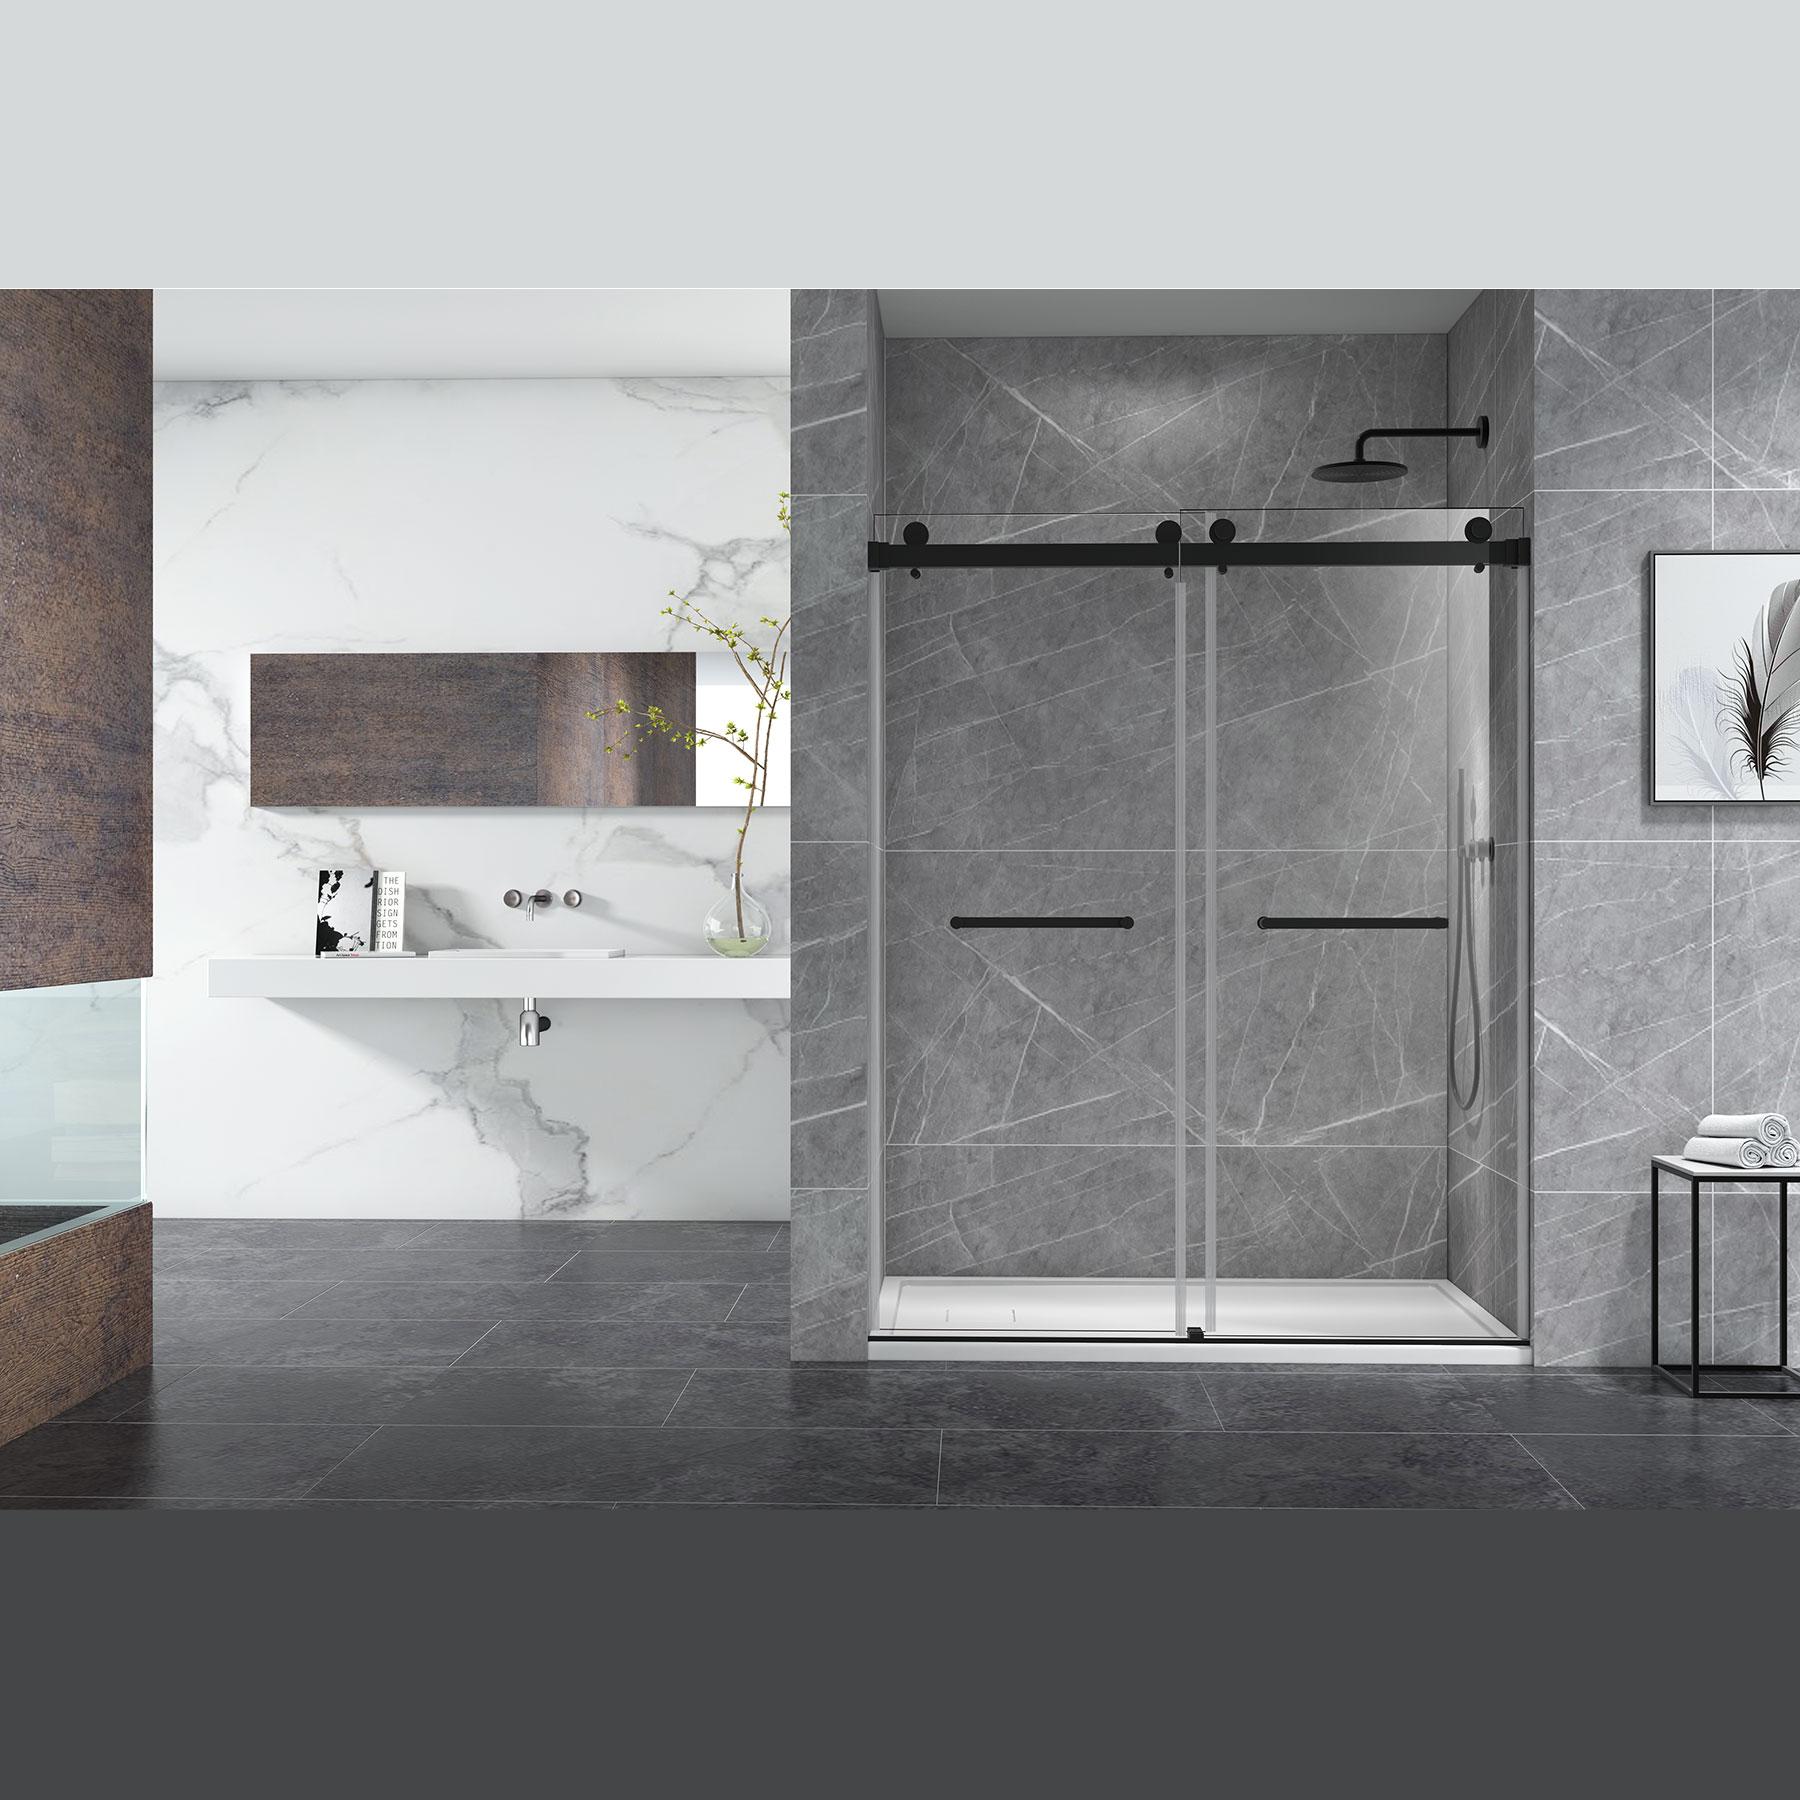 Skywalk 3 8 Double Sliding Frameless Shower Door In Matte Black 60 W X 76 H